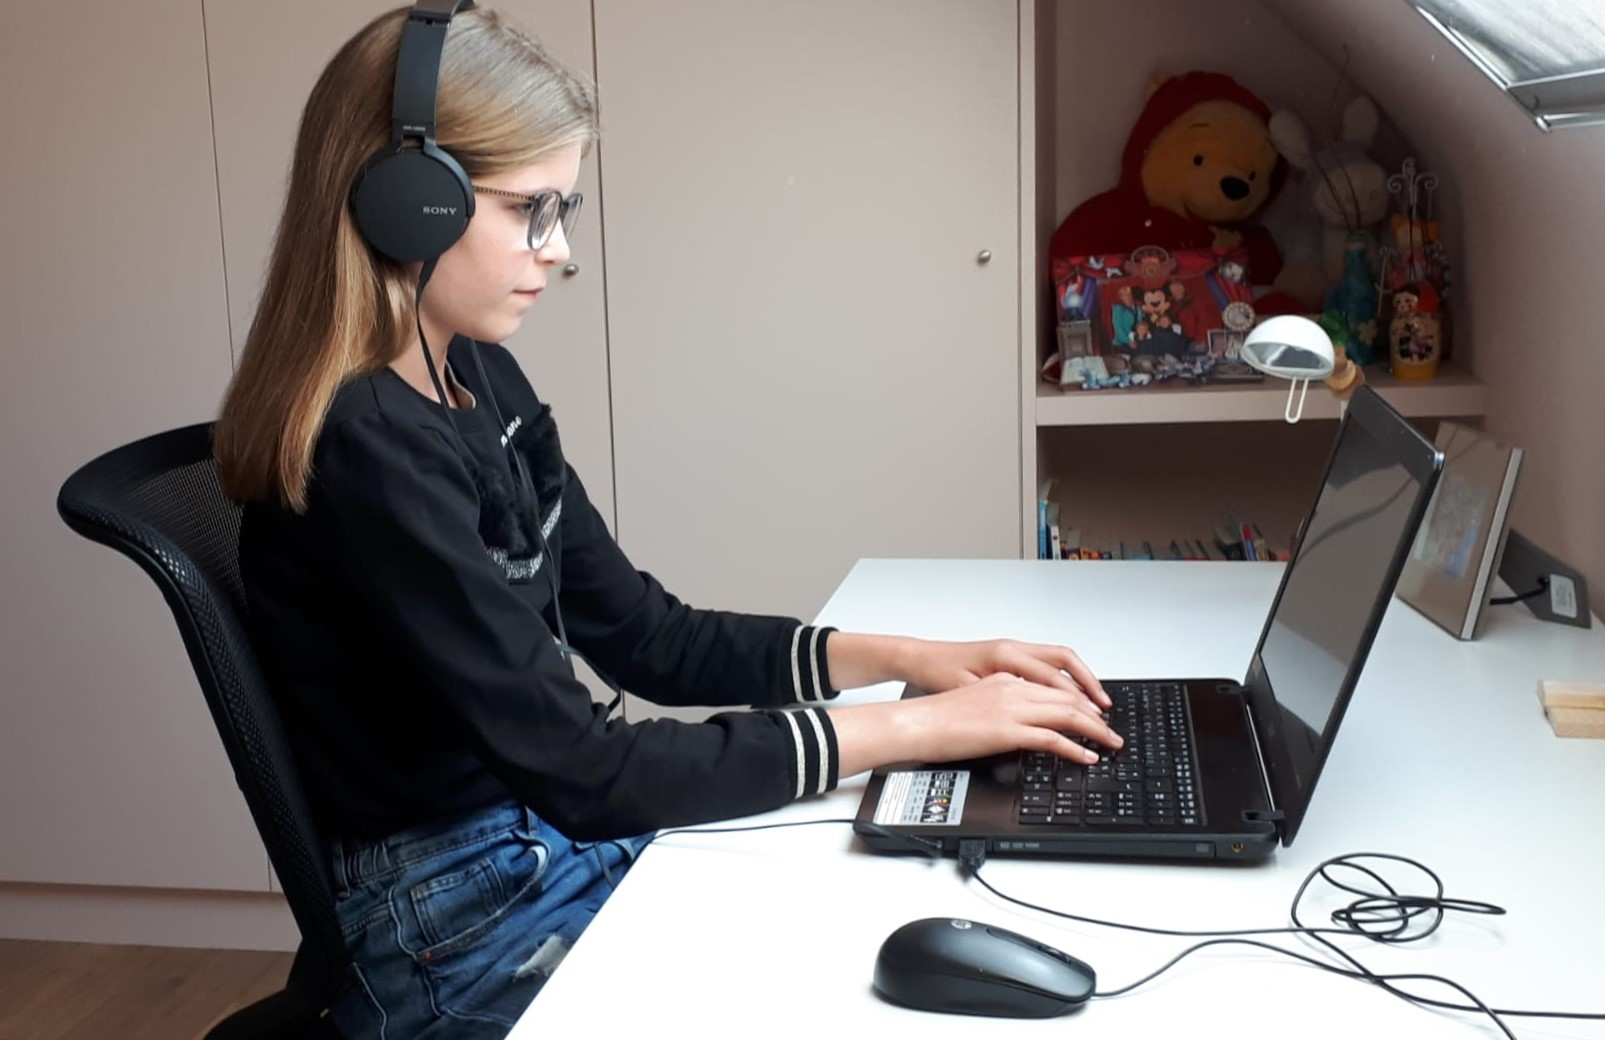 leerling, student, kind, tiener, online studeren, icha, studeren op afstand